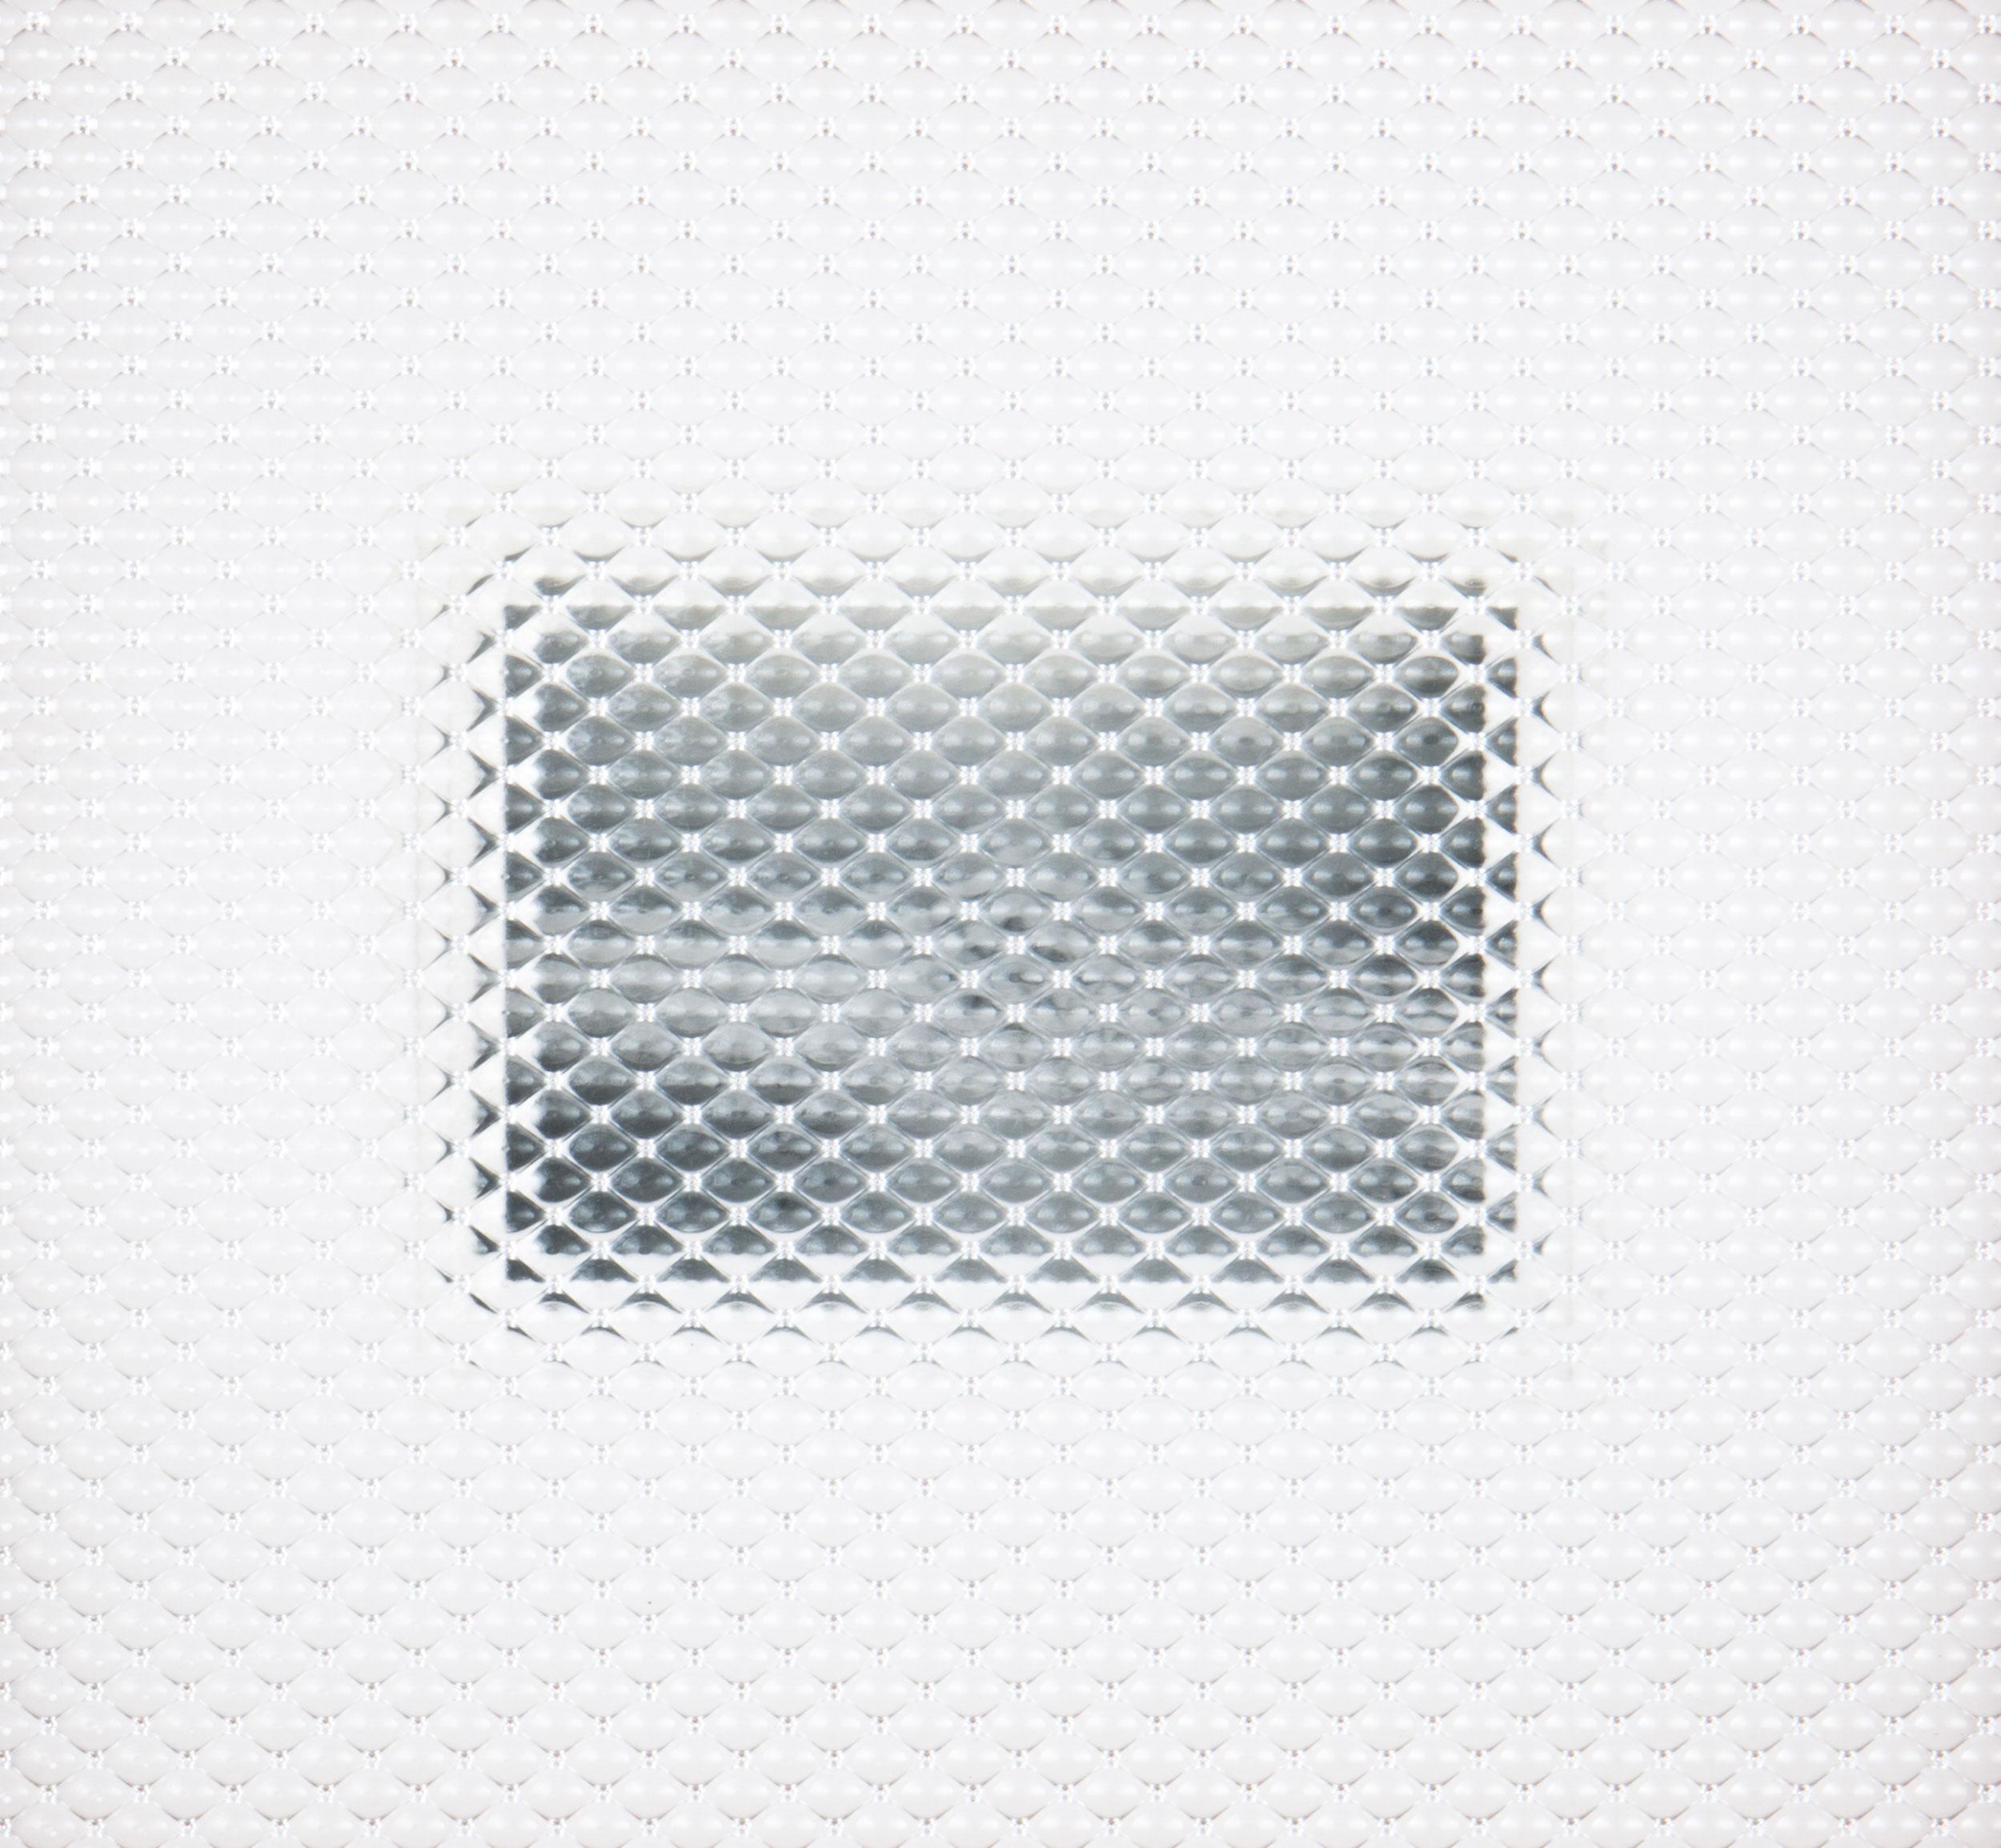 Obscured_Vistas-4.jpg